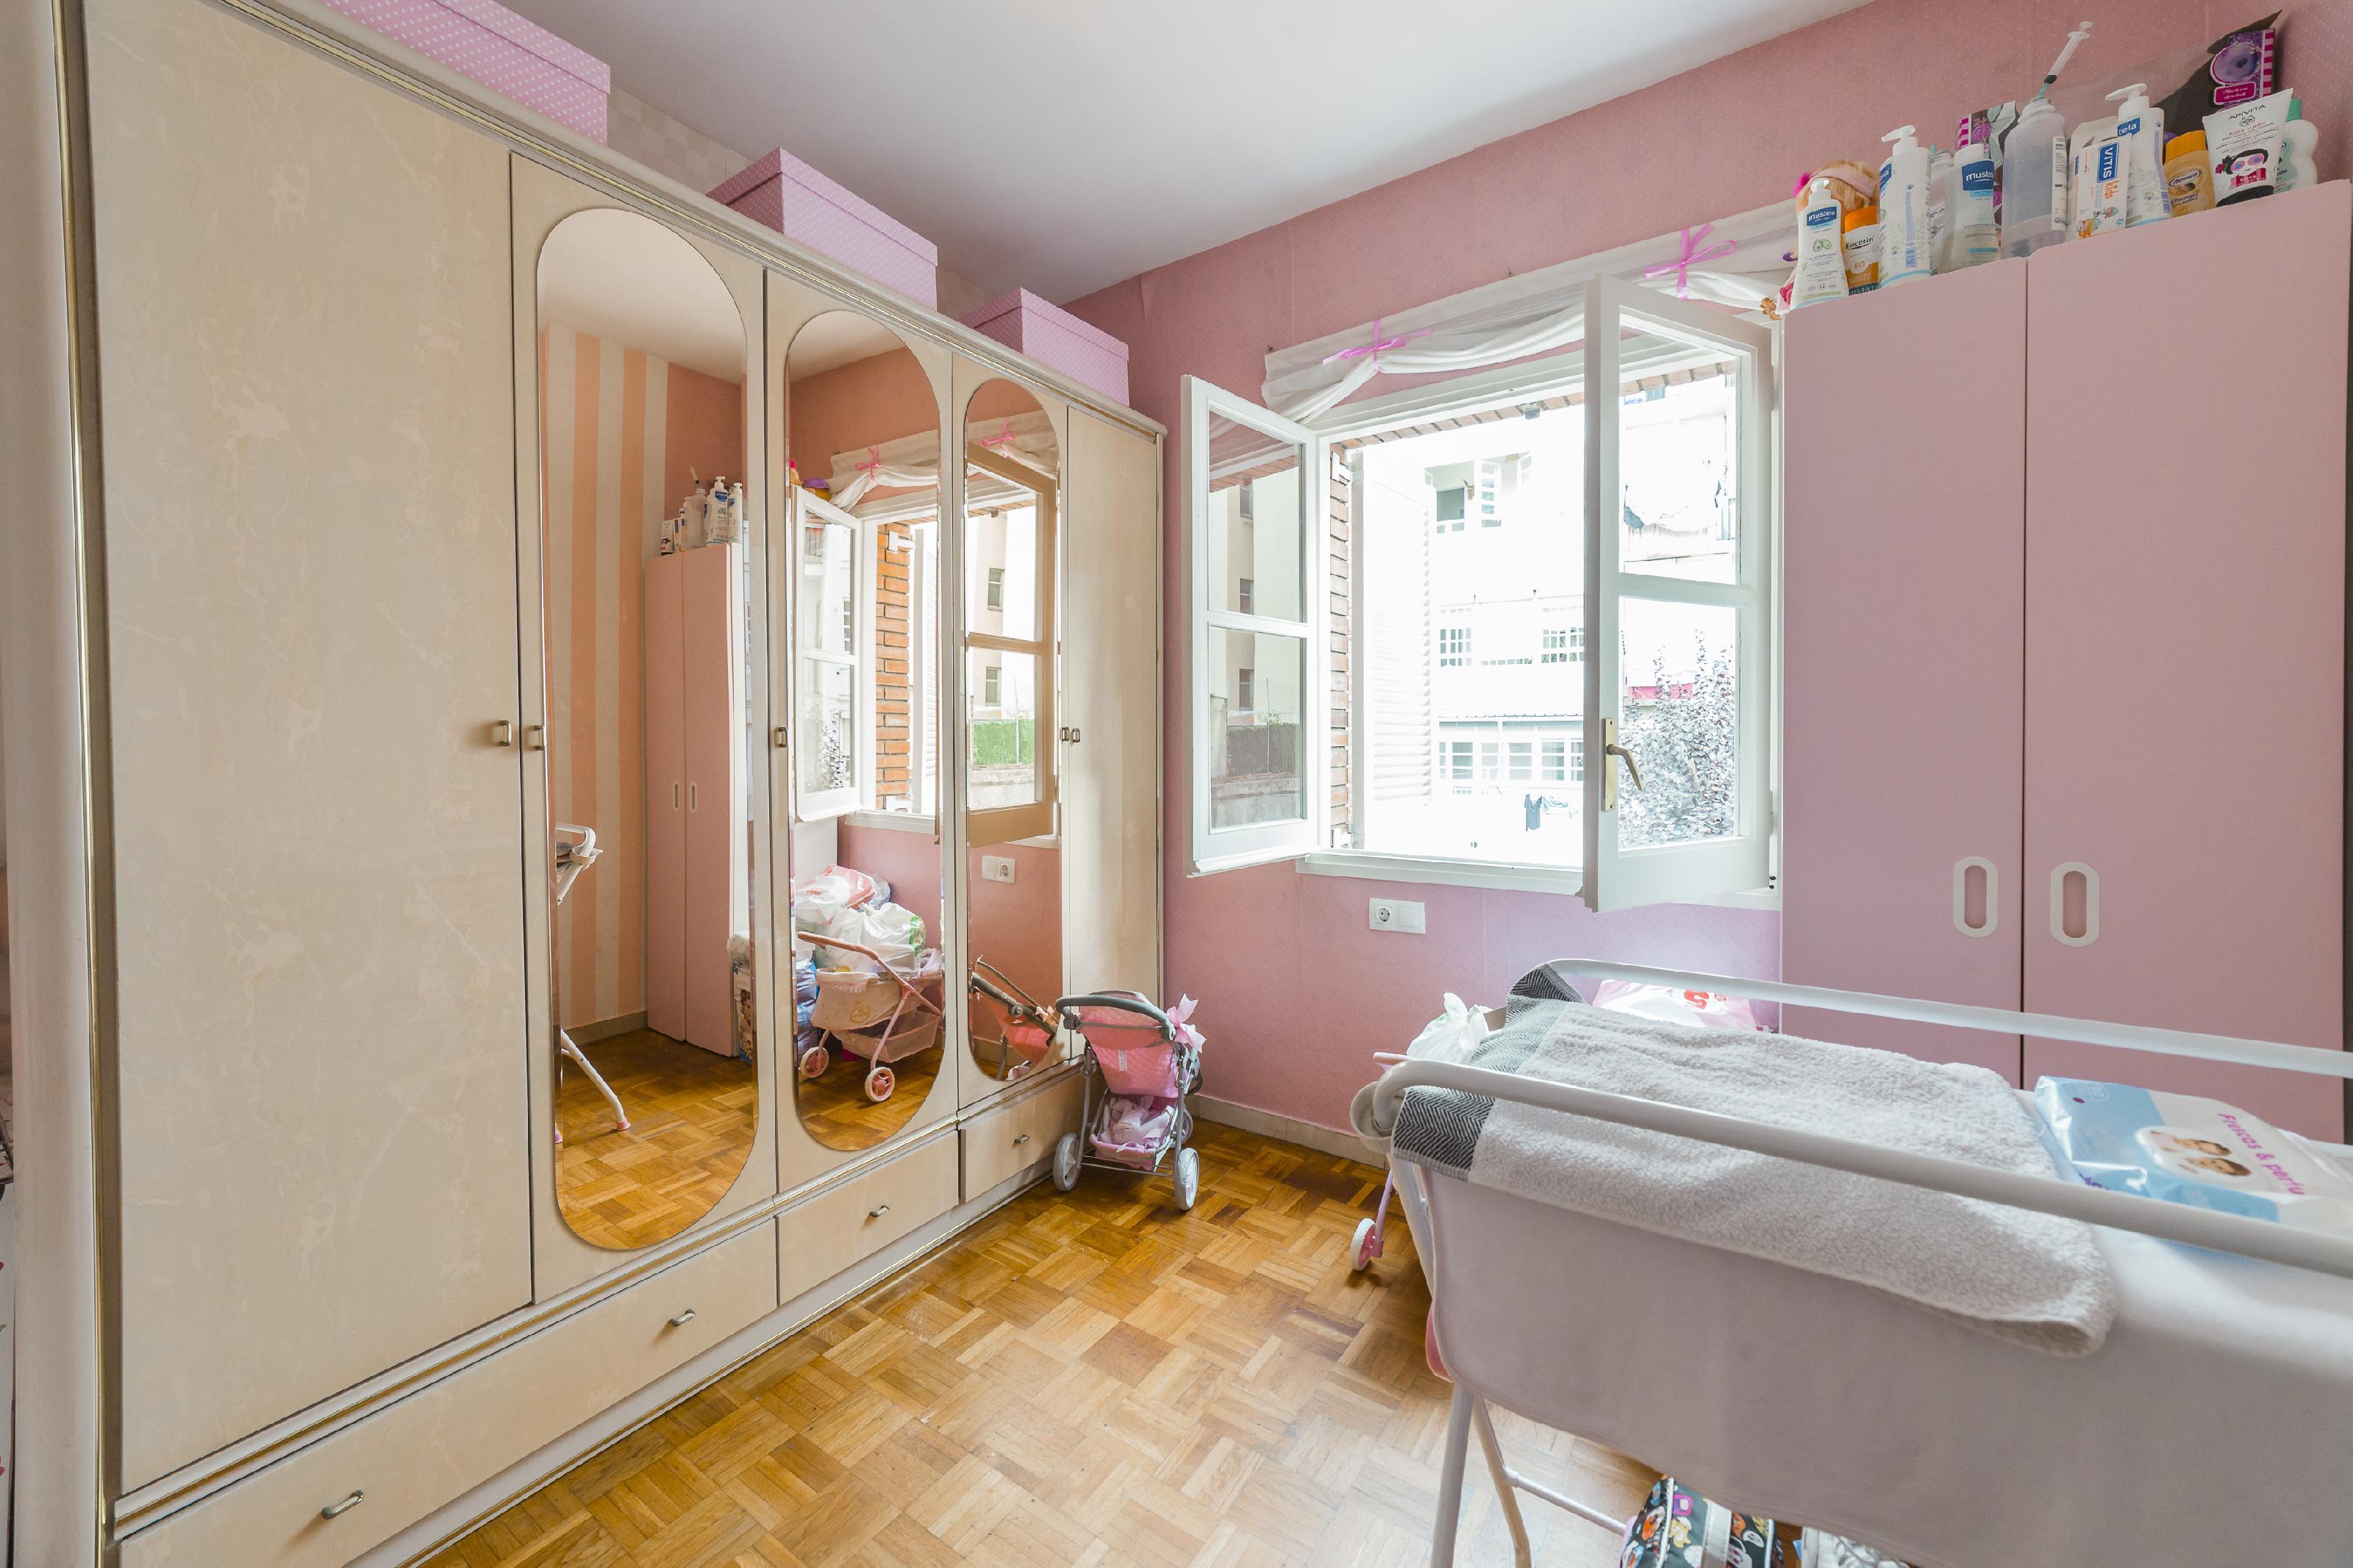 172964 Casa Pareada en venda en Gràcia, Vila de Gràcia 16